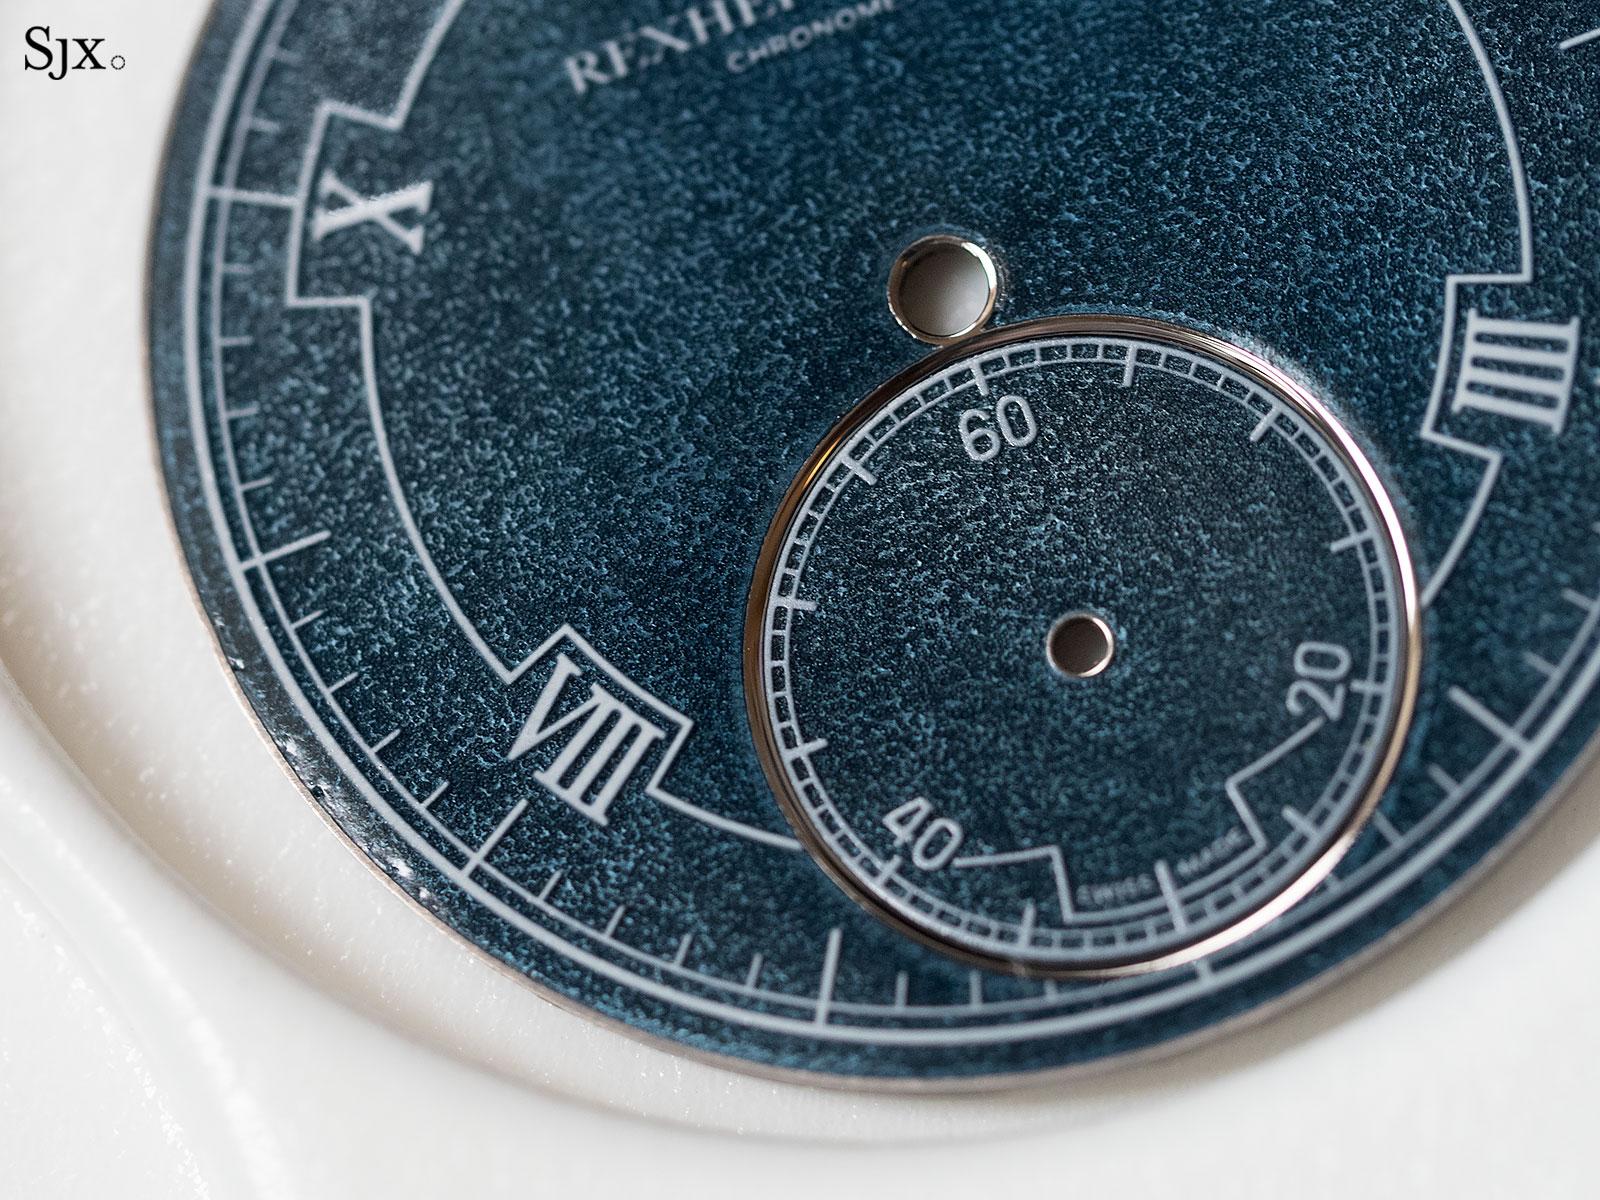 akrivia RRCC only watch 2019 enamel dial 3